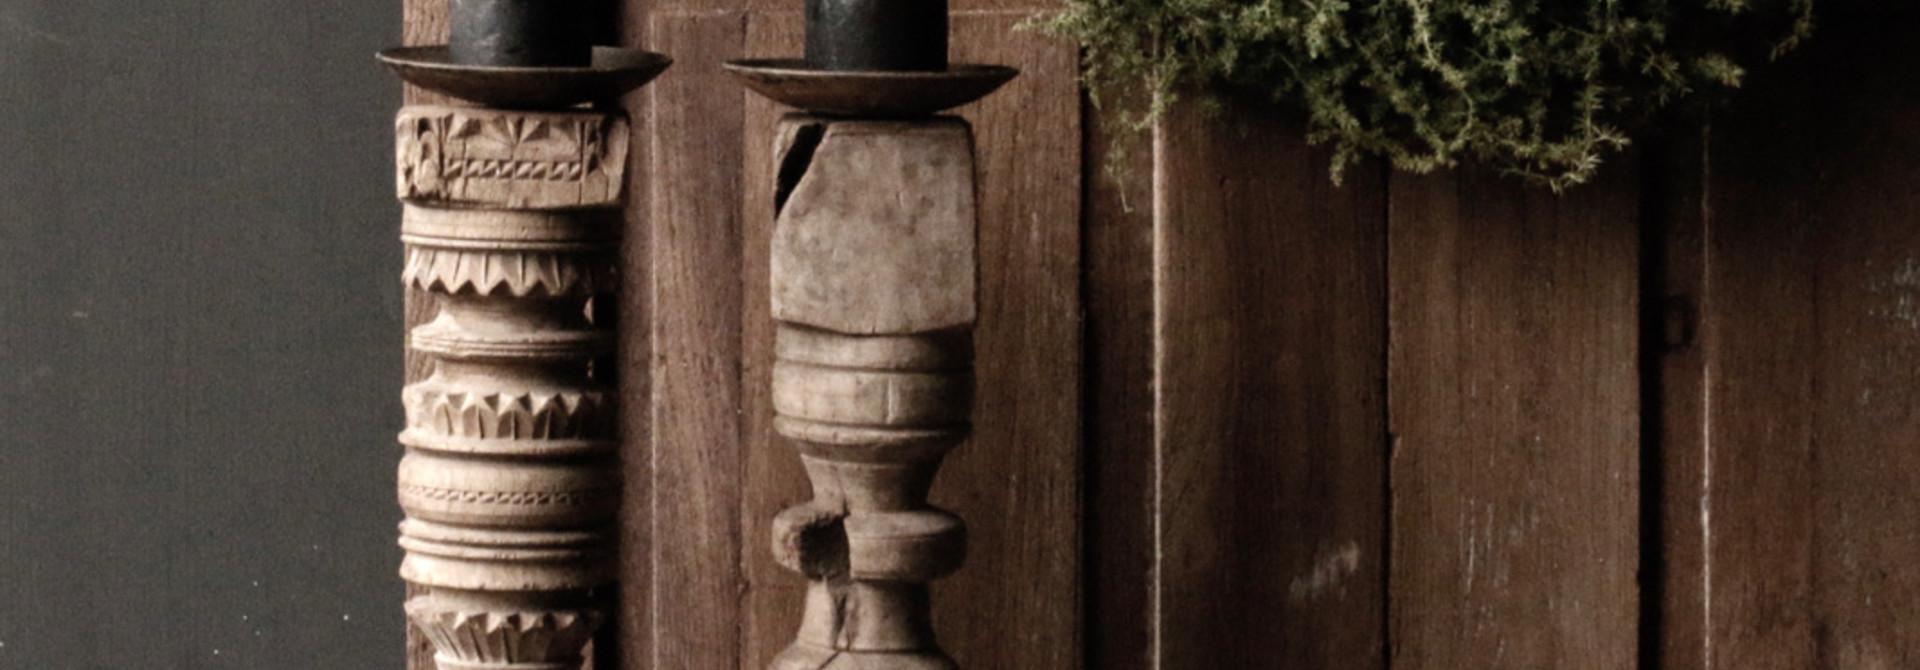 Oud houten Nepalese baluster kandelaars